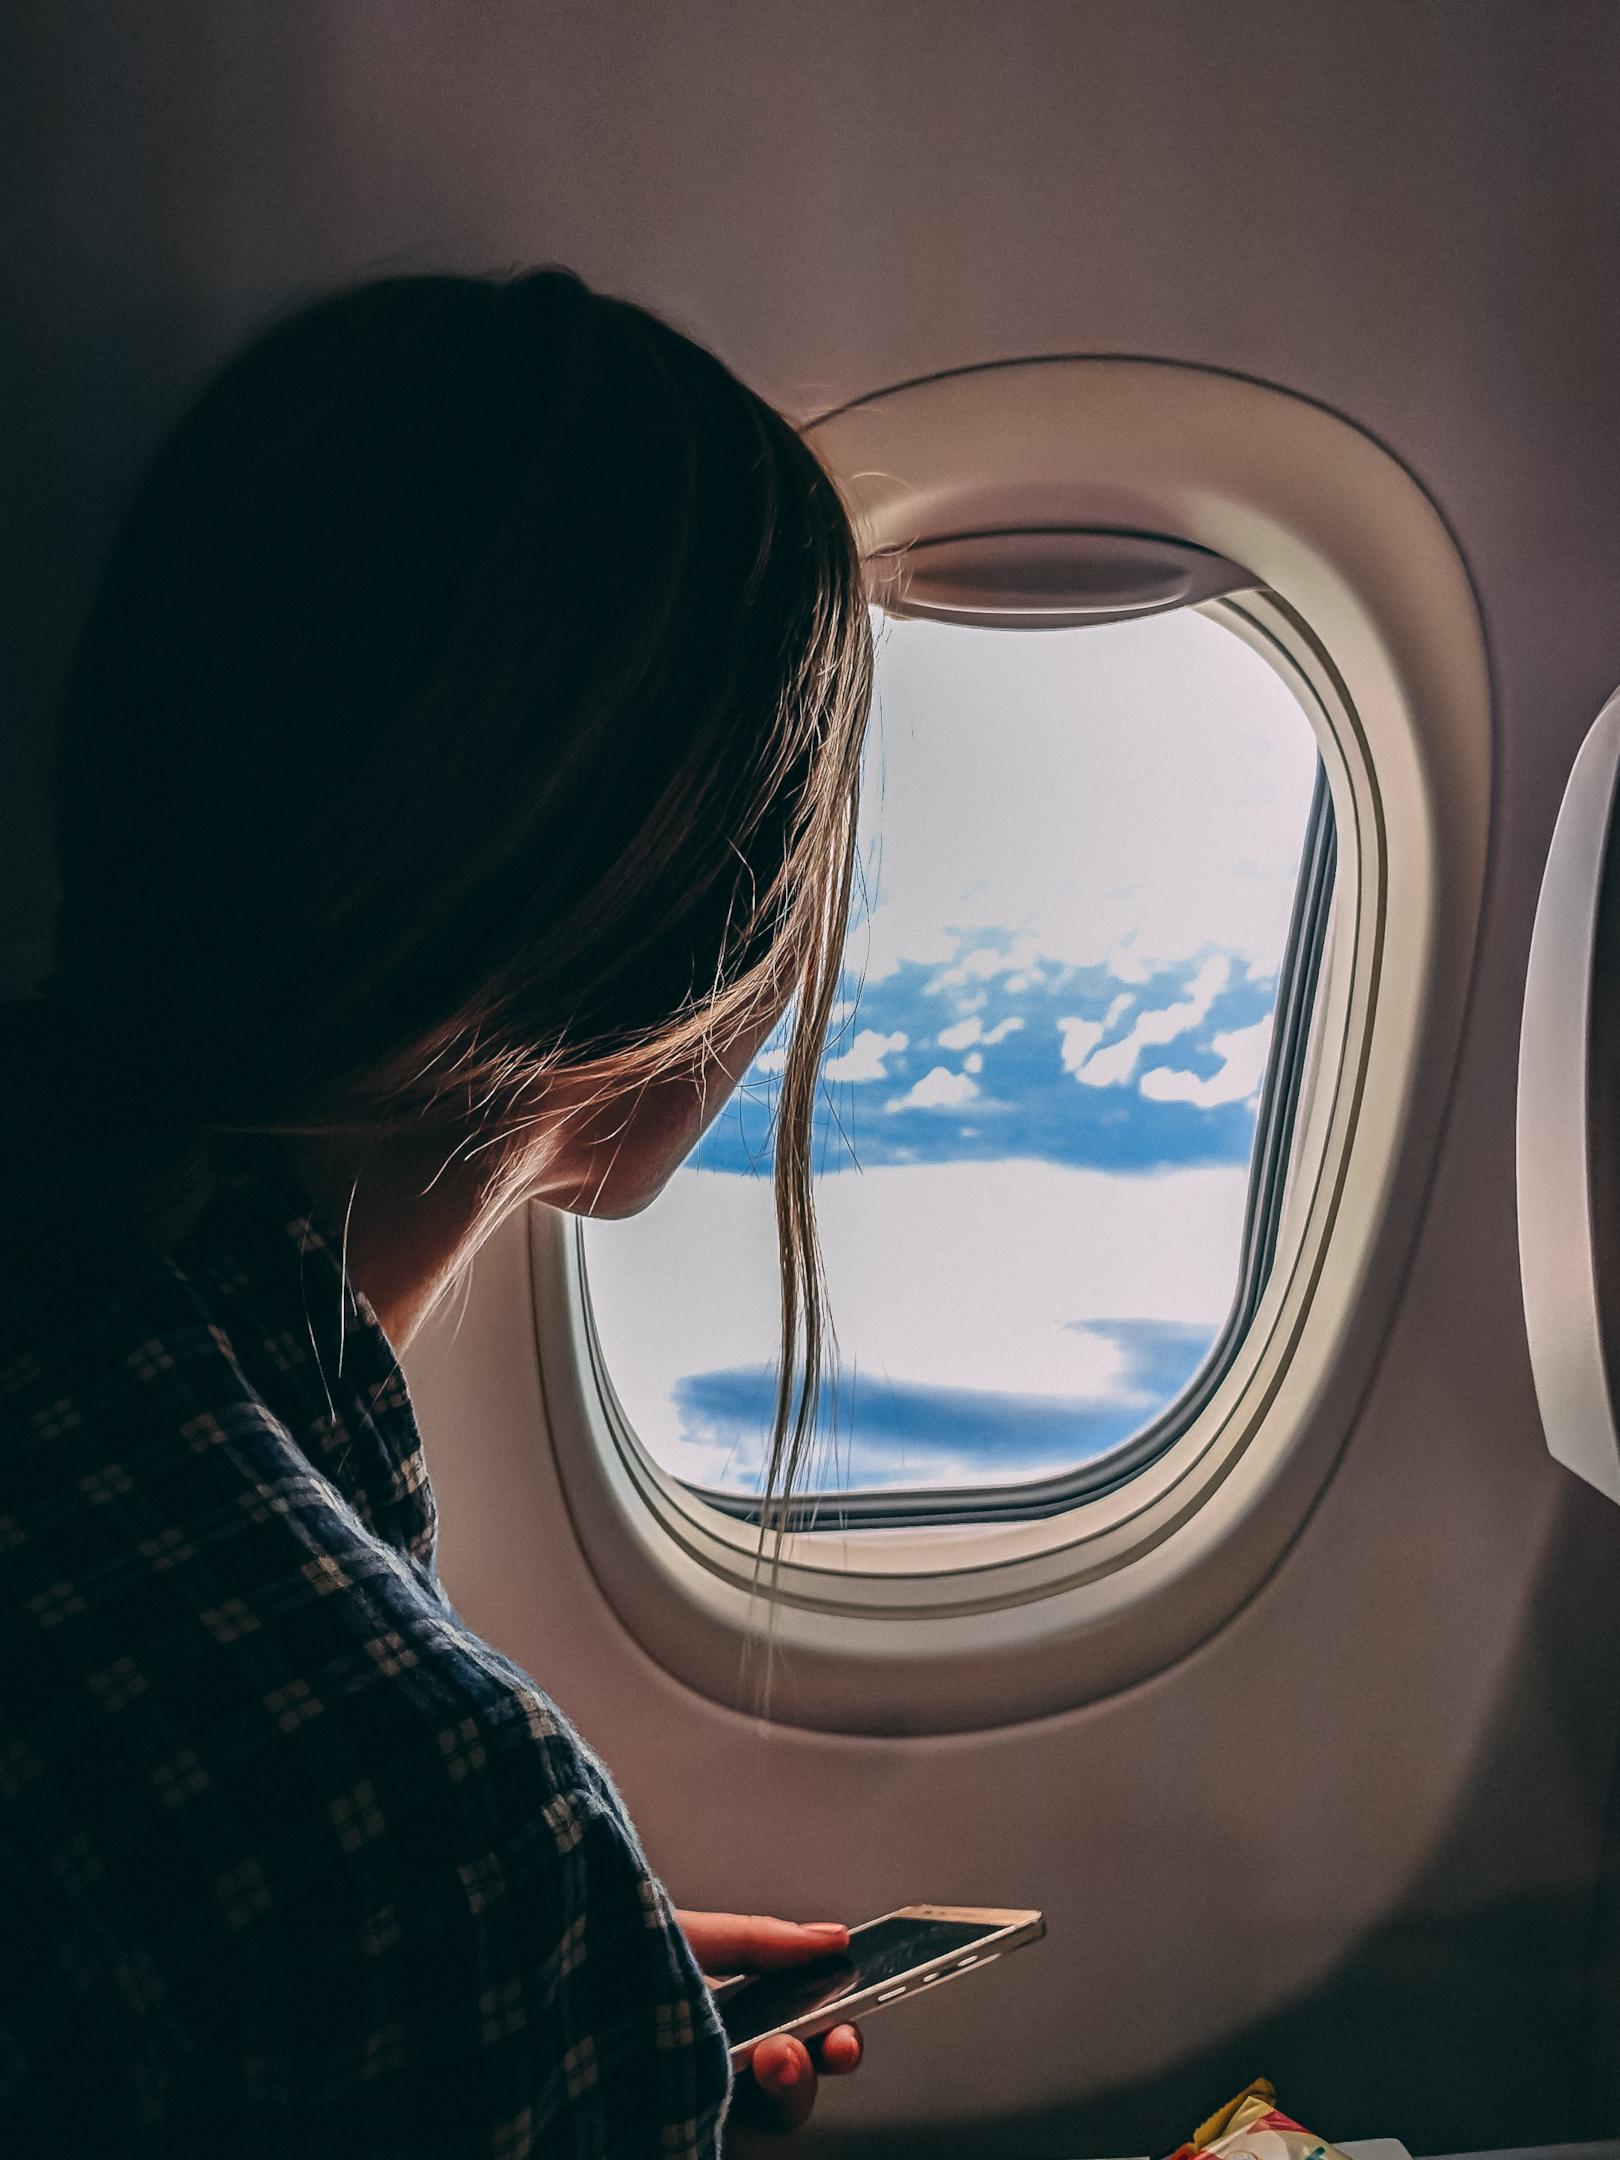 Flights and transportation